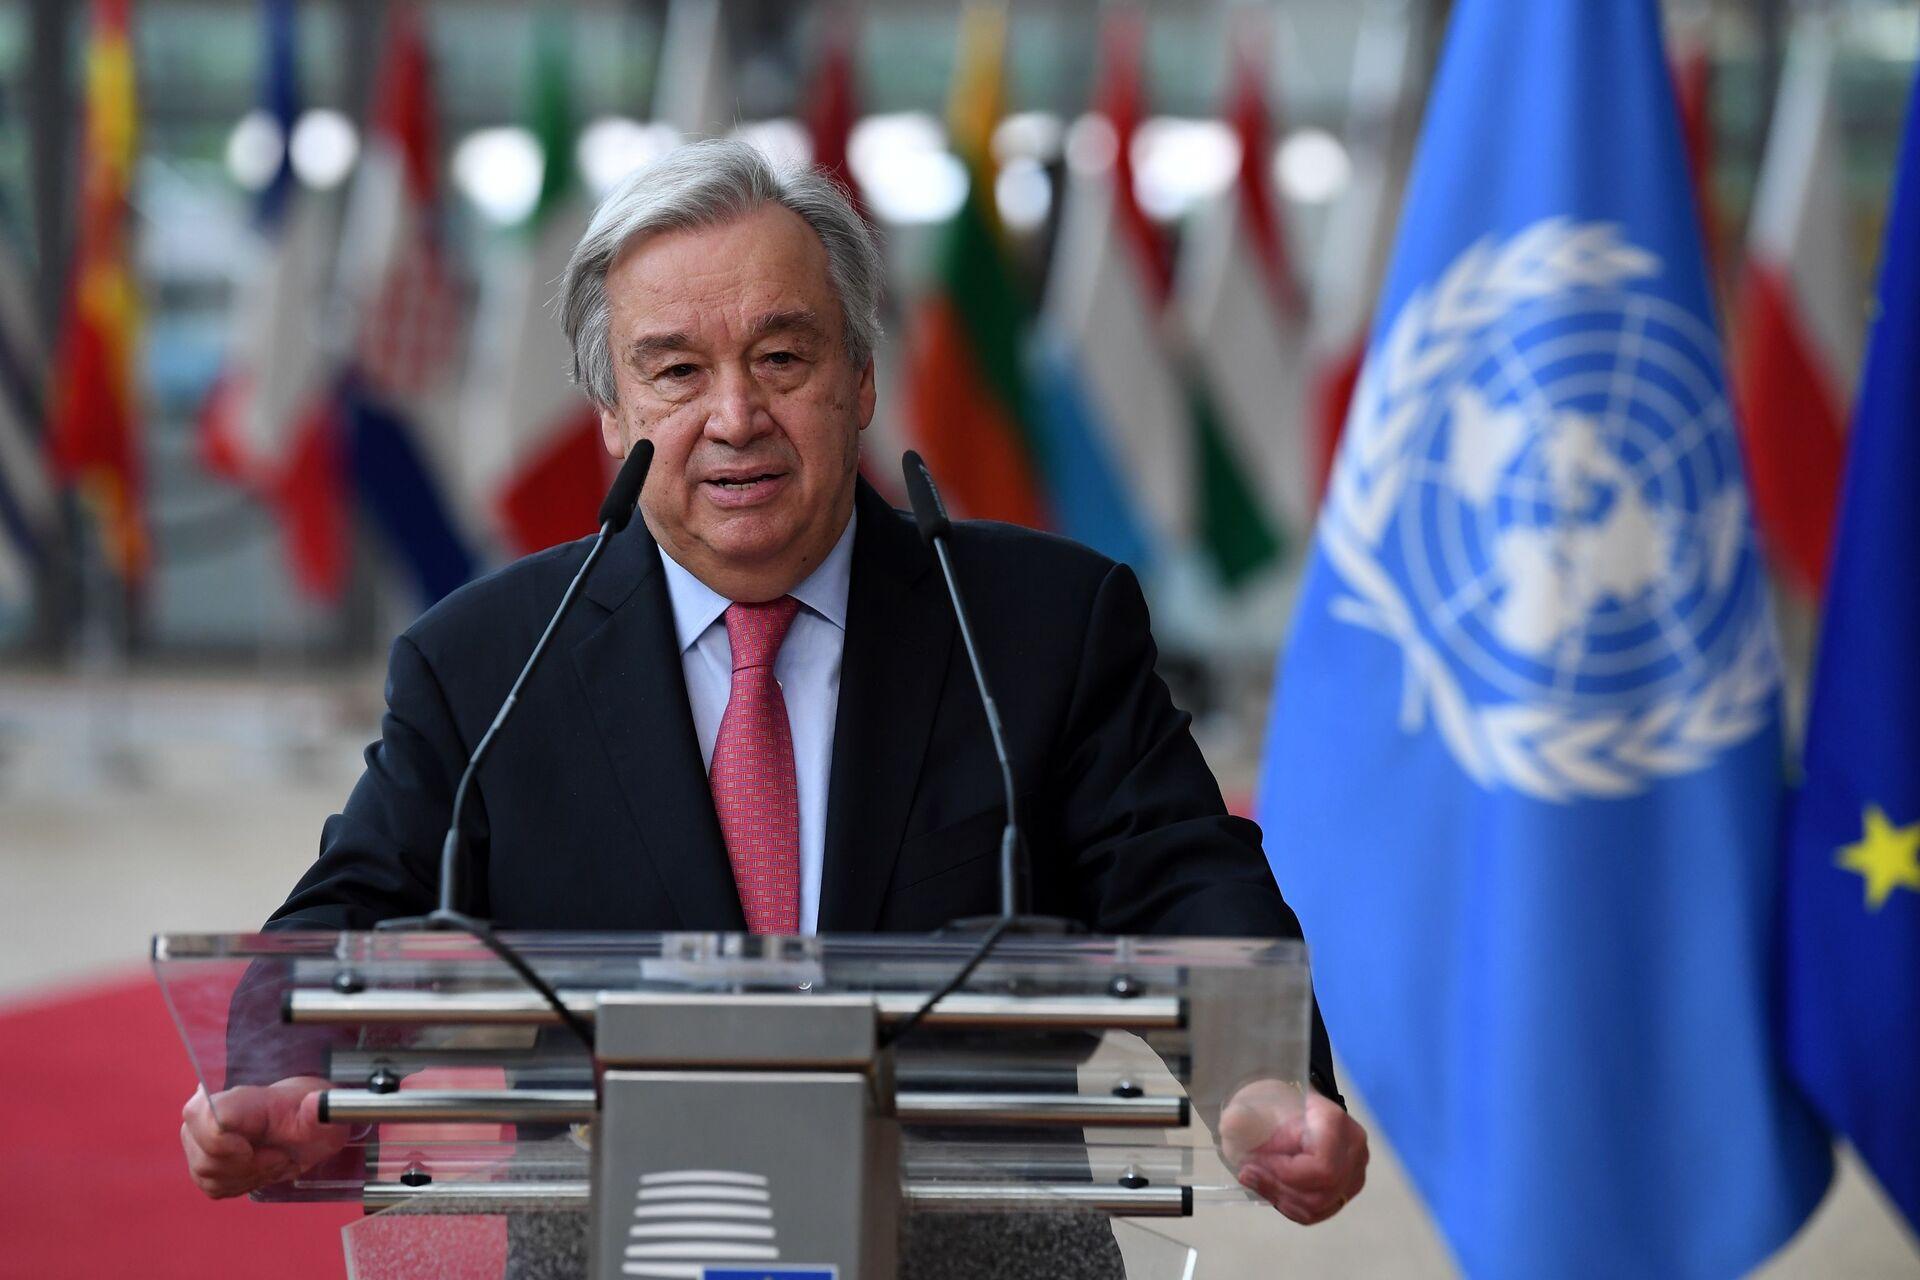 Tổng thư ký Liên hợp quốc Antonio Guterres trong Hội nghị thượng đỉnh EU tại Tòa nhà Hội đồng châu Âu ở Brussels - Sputnik Việt Nam, 1920, 05.10.2021